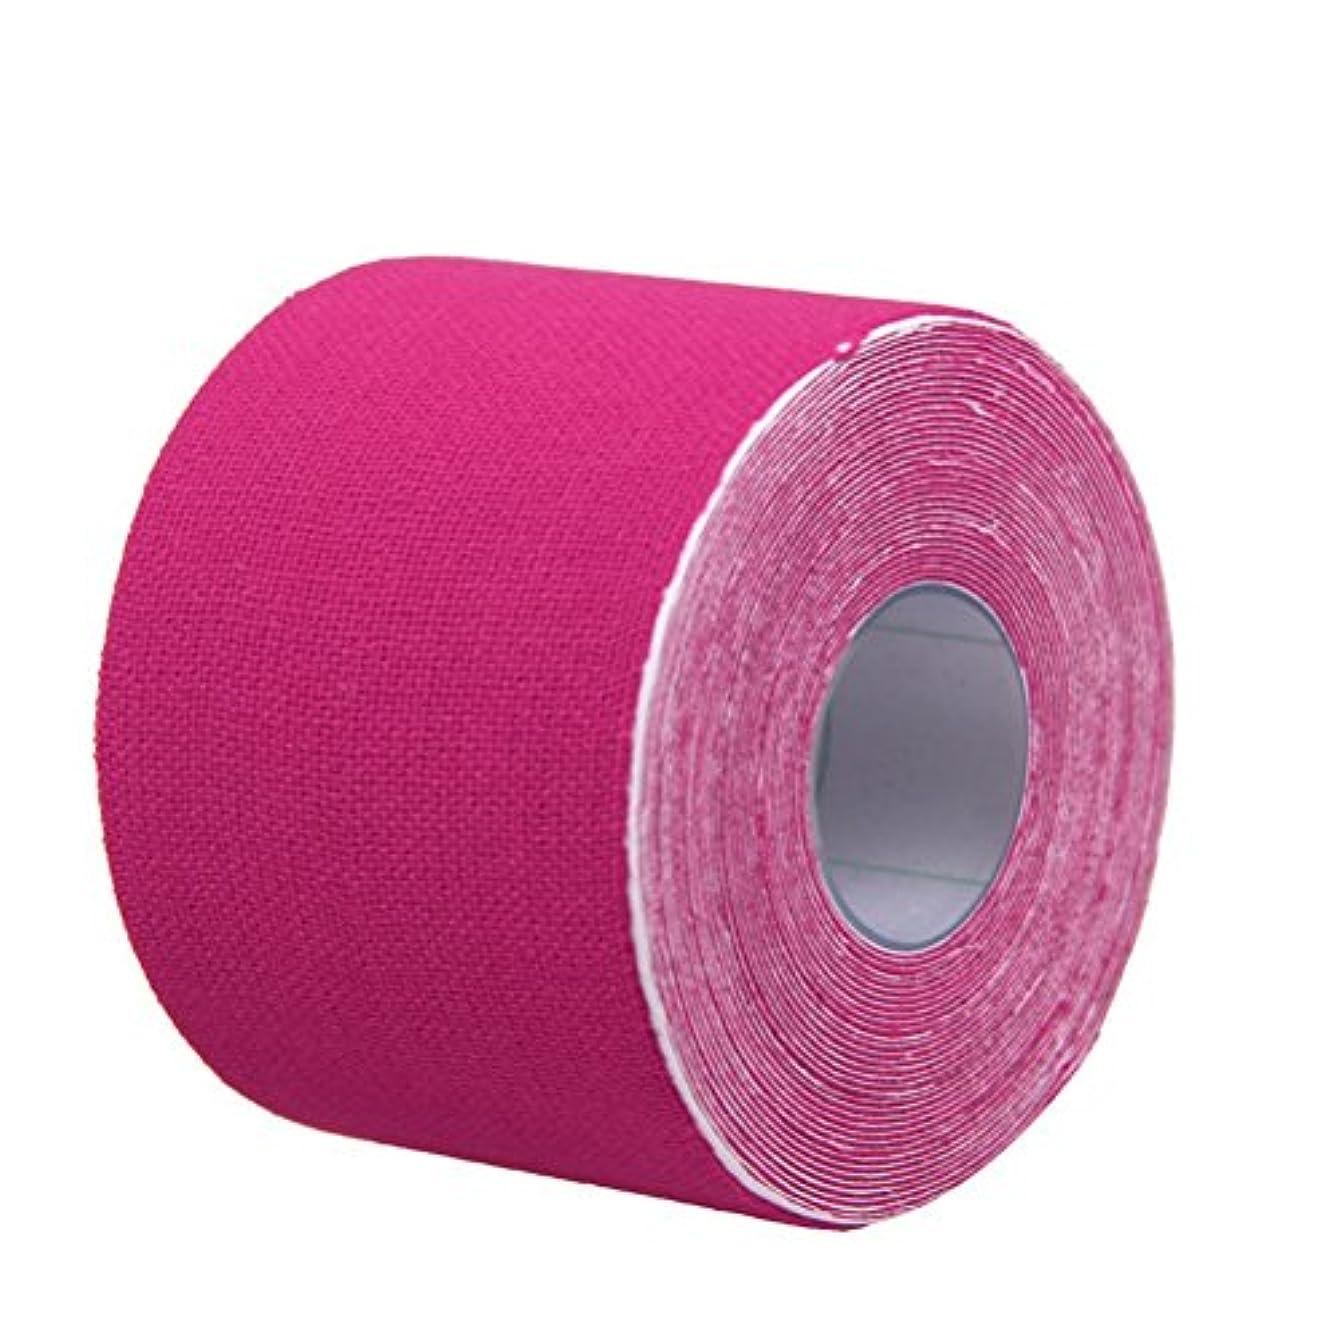 バケツ顔料スナックROSENICE キネシオロジーテープセットセラピースポーツフィジオセラピー500x2.5cm(ピンク)